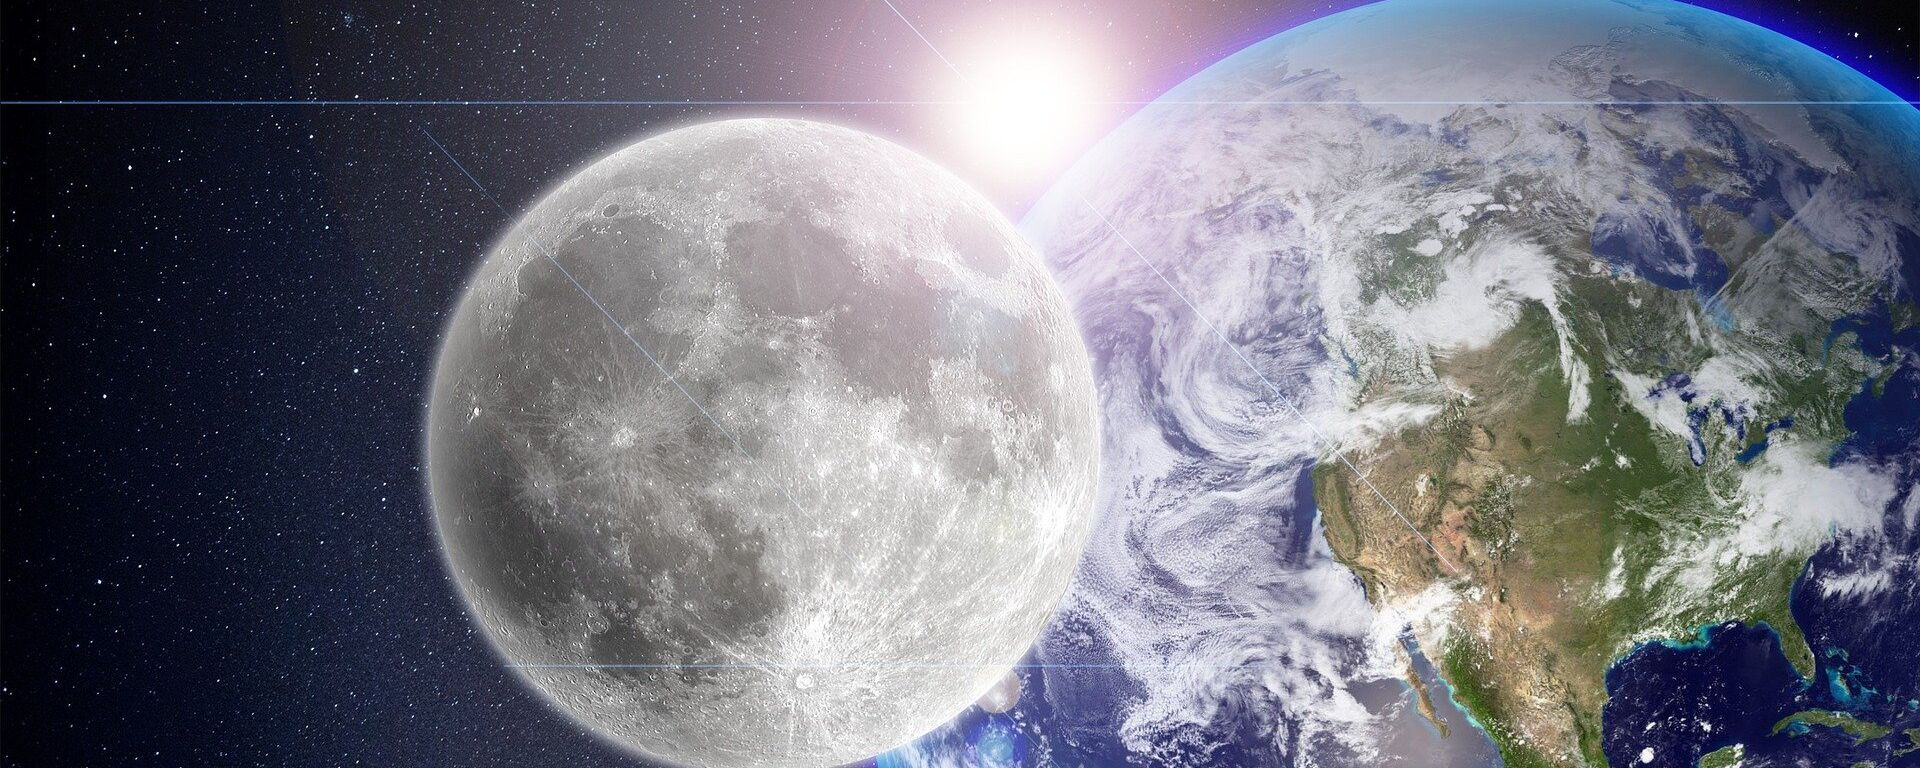 La Luna, la Tierra y el Sol (imagen referencial) - Sputnik Mundo, 1920, 23.09.2021